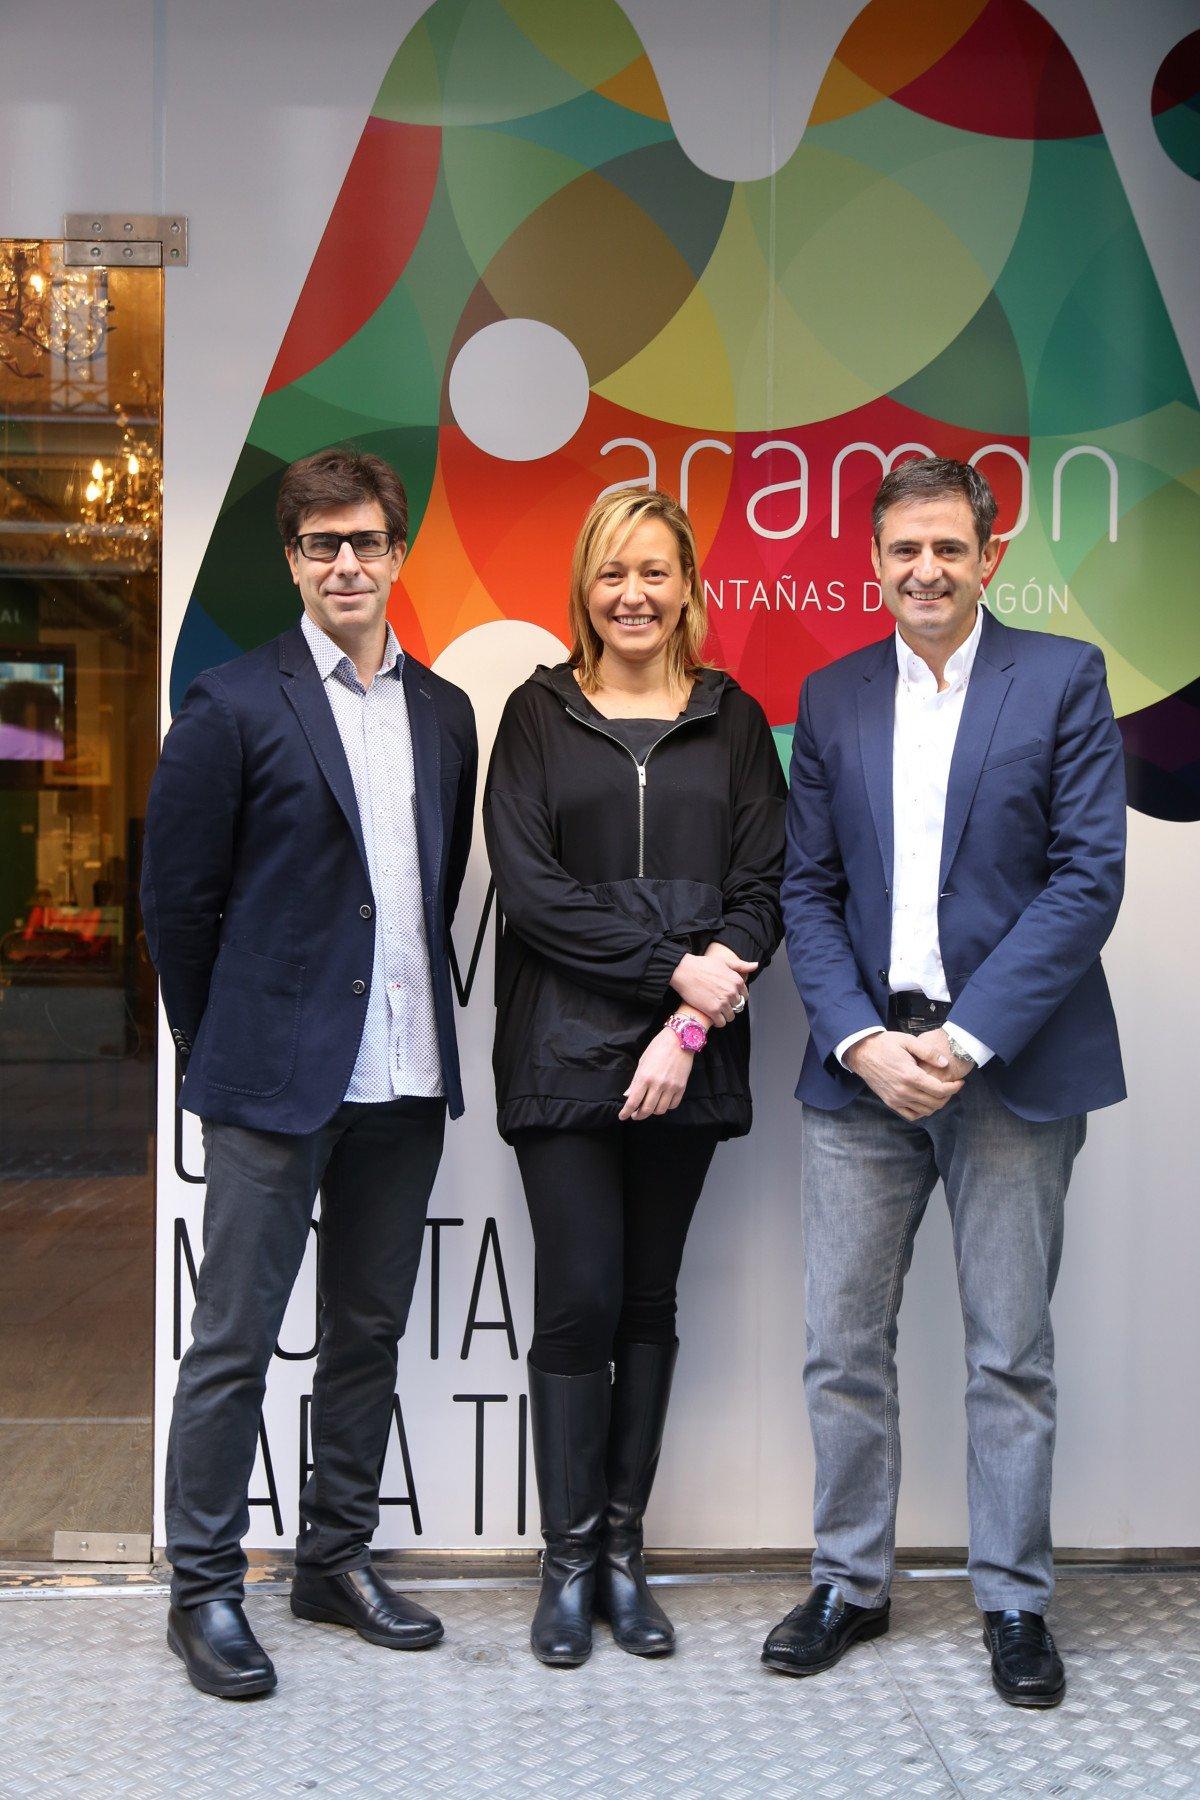 De izquierda a derecha: Josep María Gracia, director de marketing de Aramón; Marta Gastón, presidenta del Grupo Aramón; y Antonio Gericó. director general del Grupo Aramón.